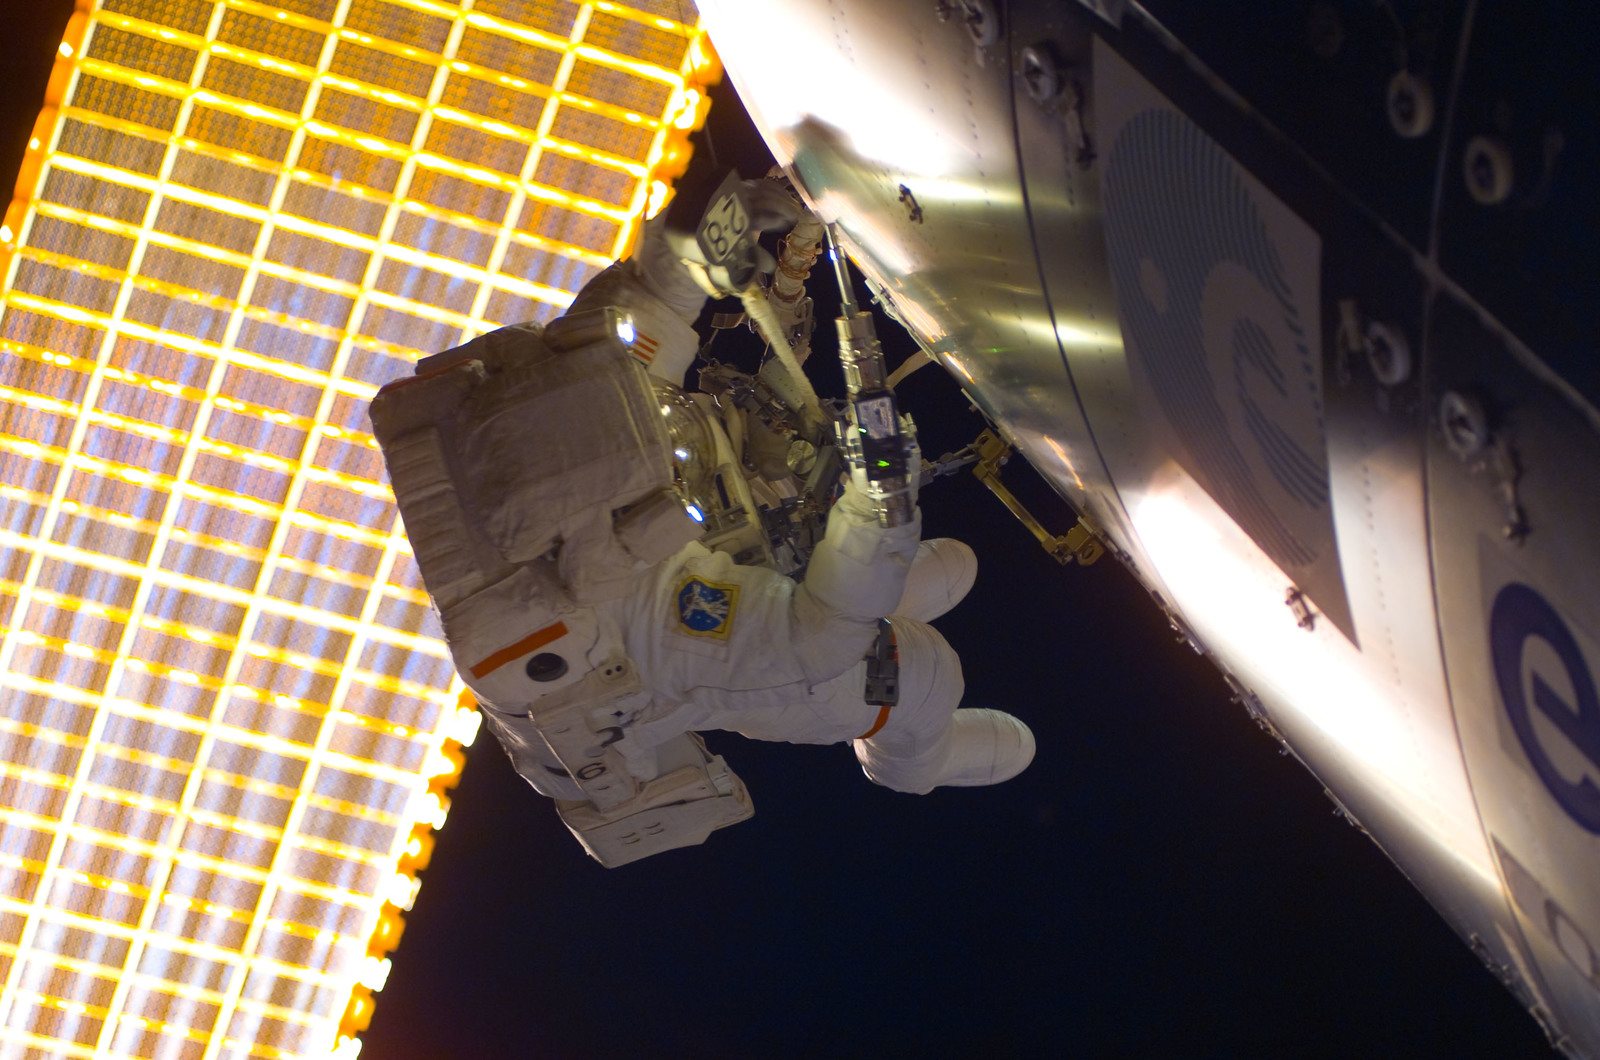 S122E008796 - STS-122 - Walheim during EVA 3